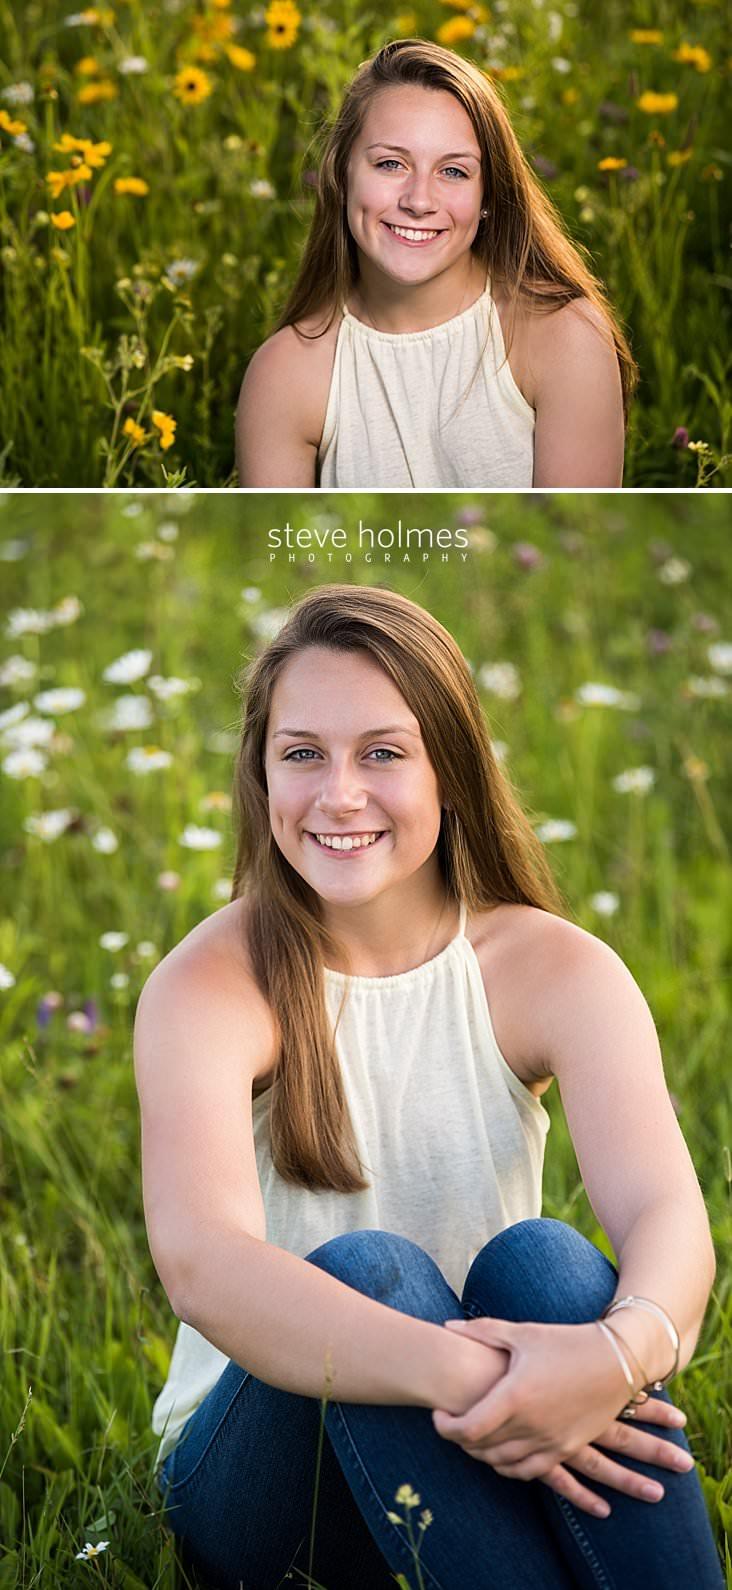 13_Brunette teen smiles for portrait in field of wildflowers.jpg